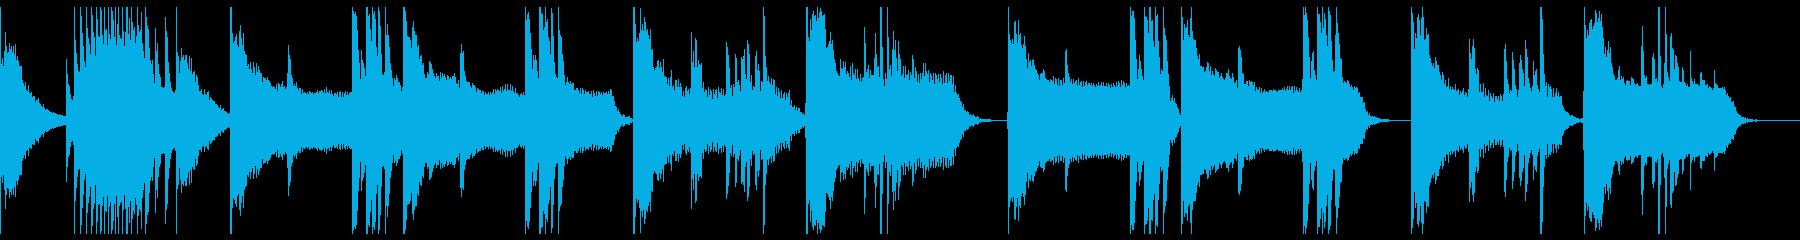 砂漠を連想させるアラビアンな曲の再生済みの波形